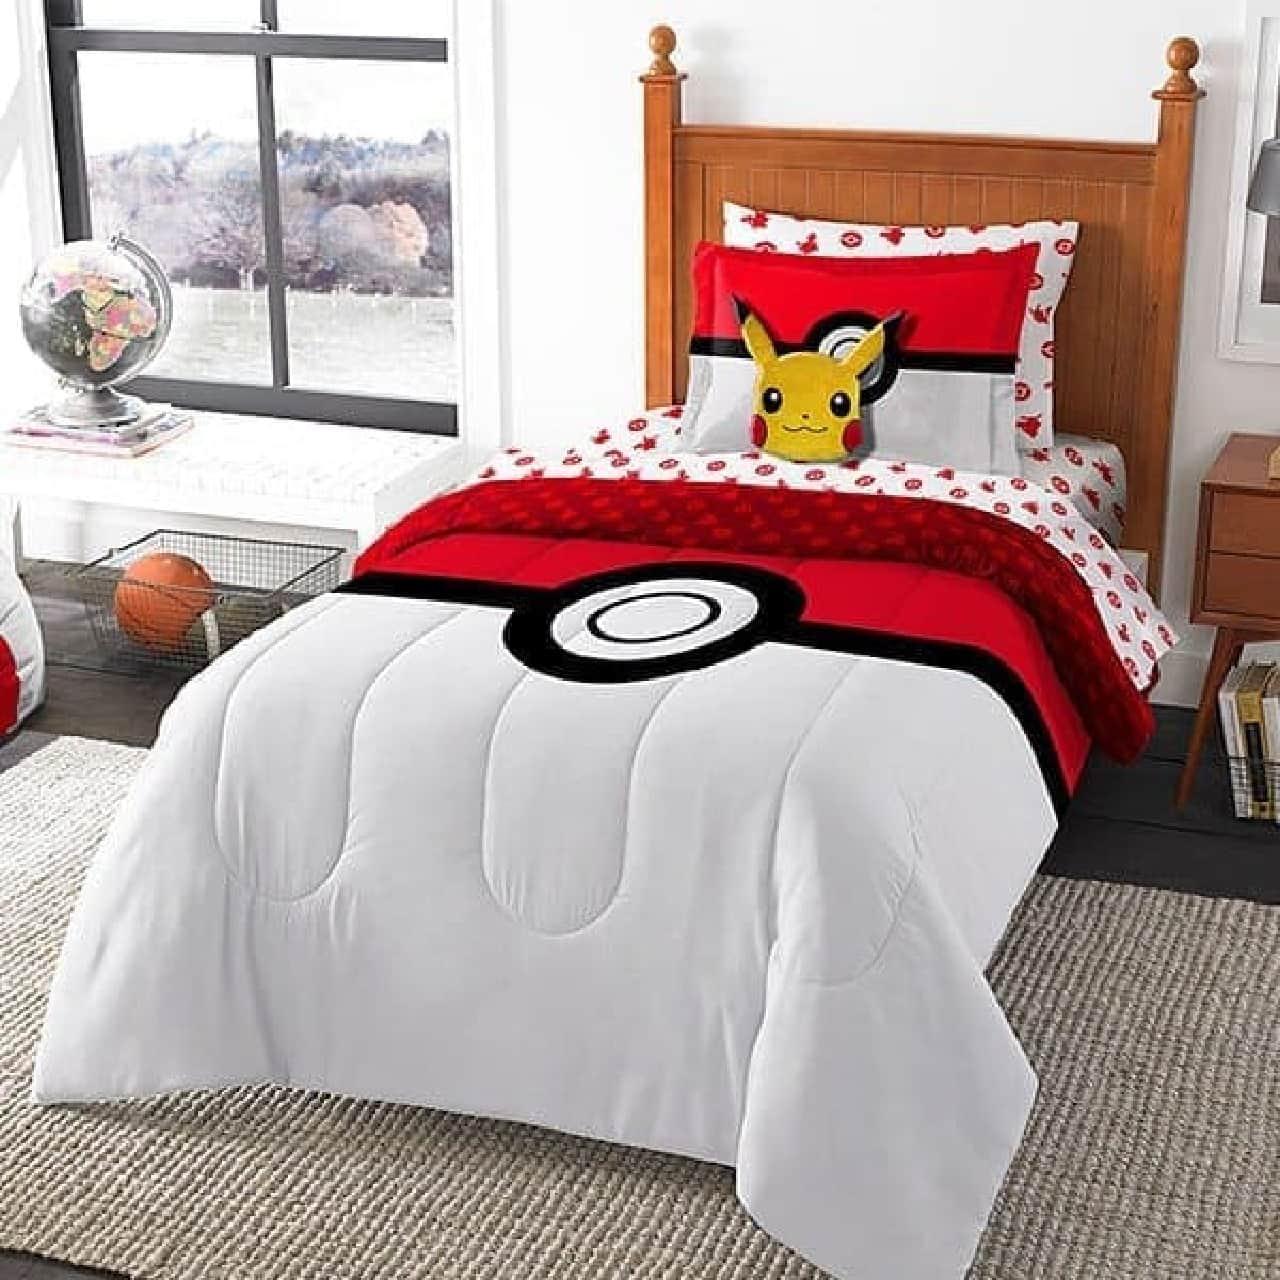 ポケモンGOモチーフのベッドシーツセット「Pokemon Bed-In-A-Bag」